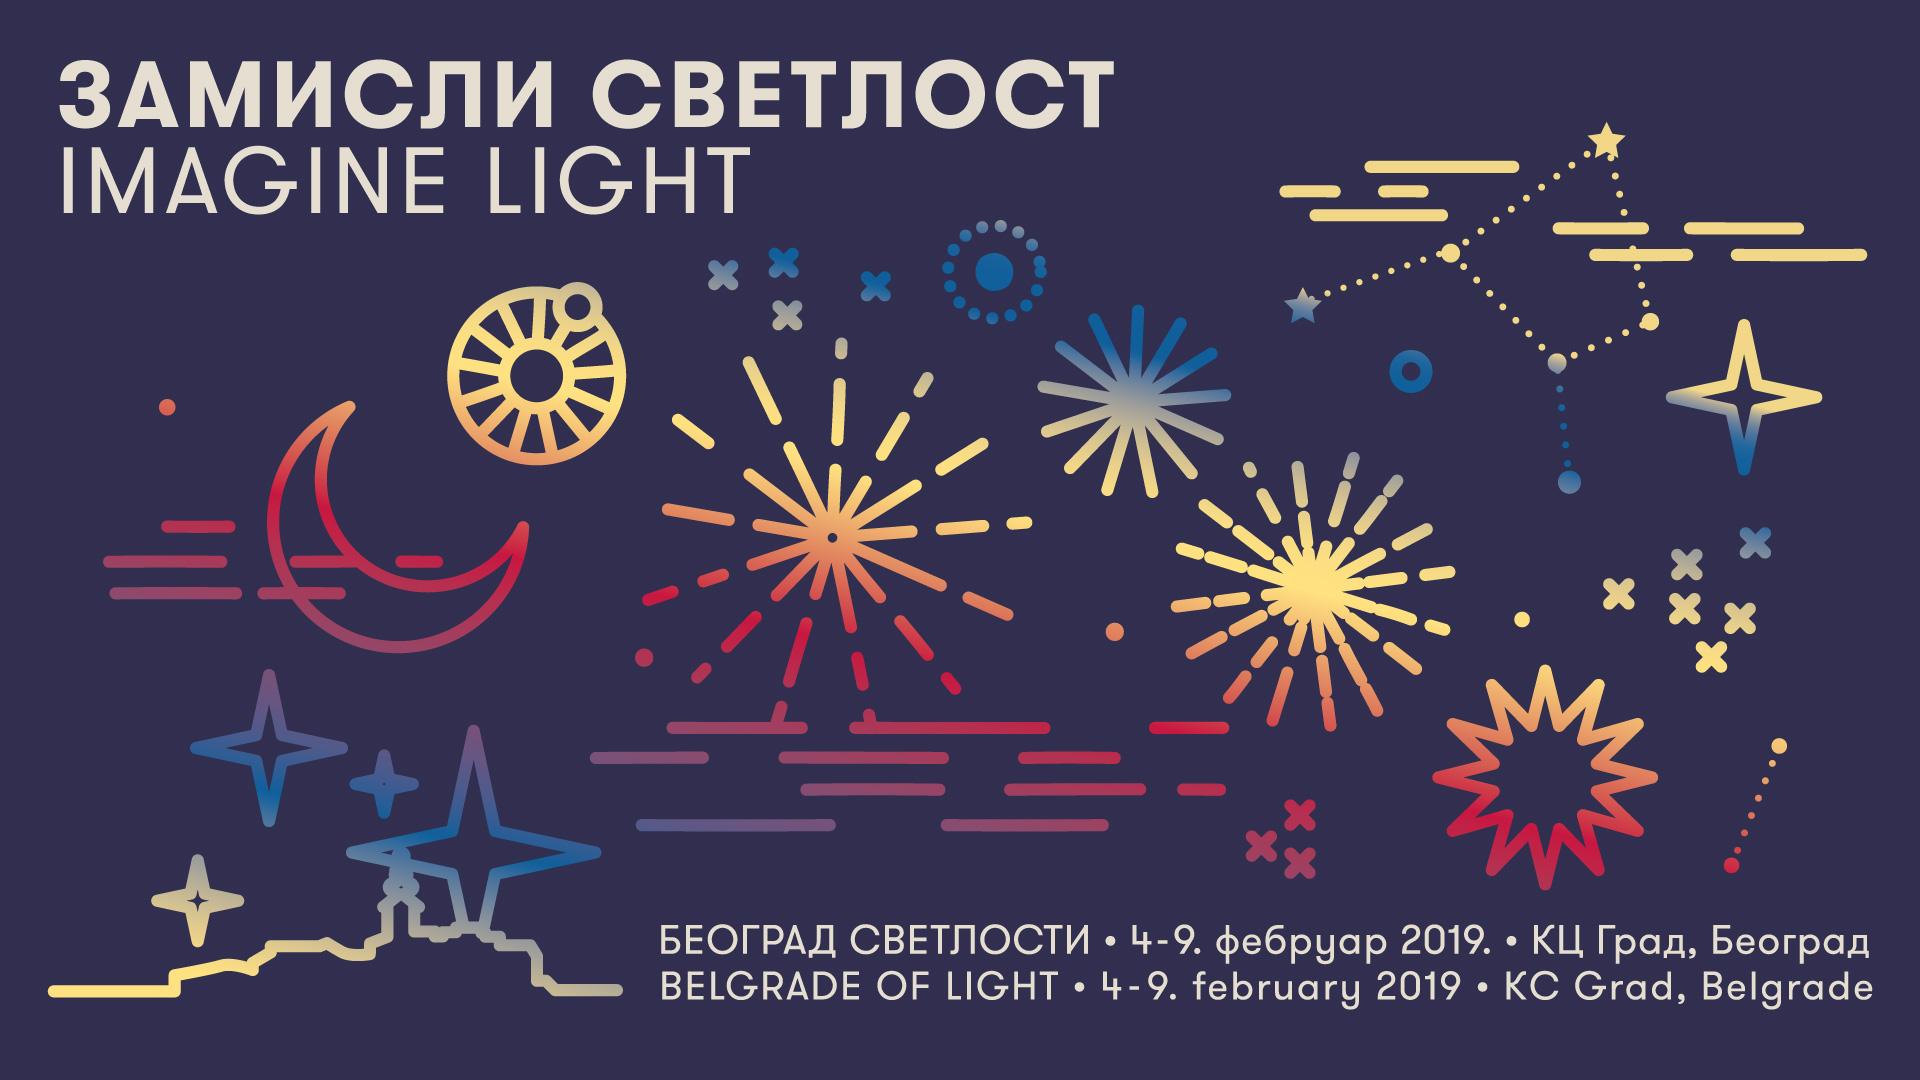 Beograd svetlosti 2019 - Zamisli svetlost - visual by Monika Lang